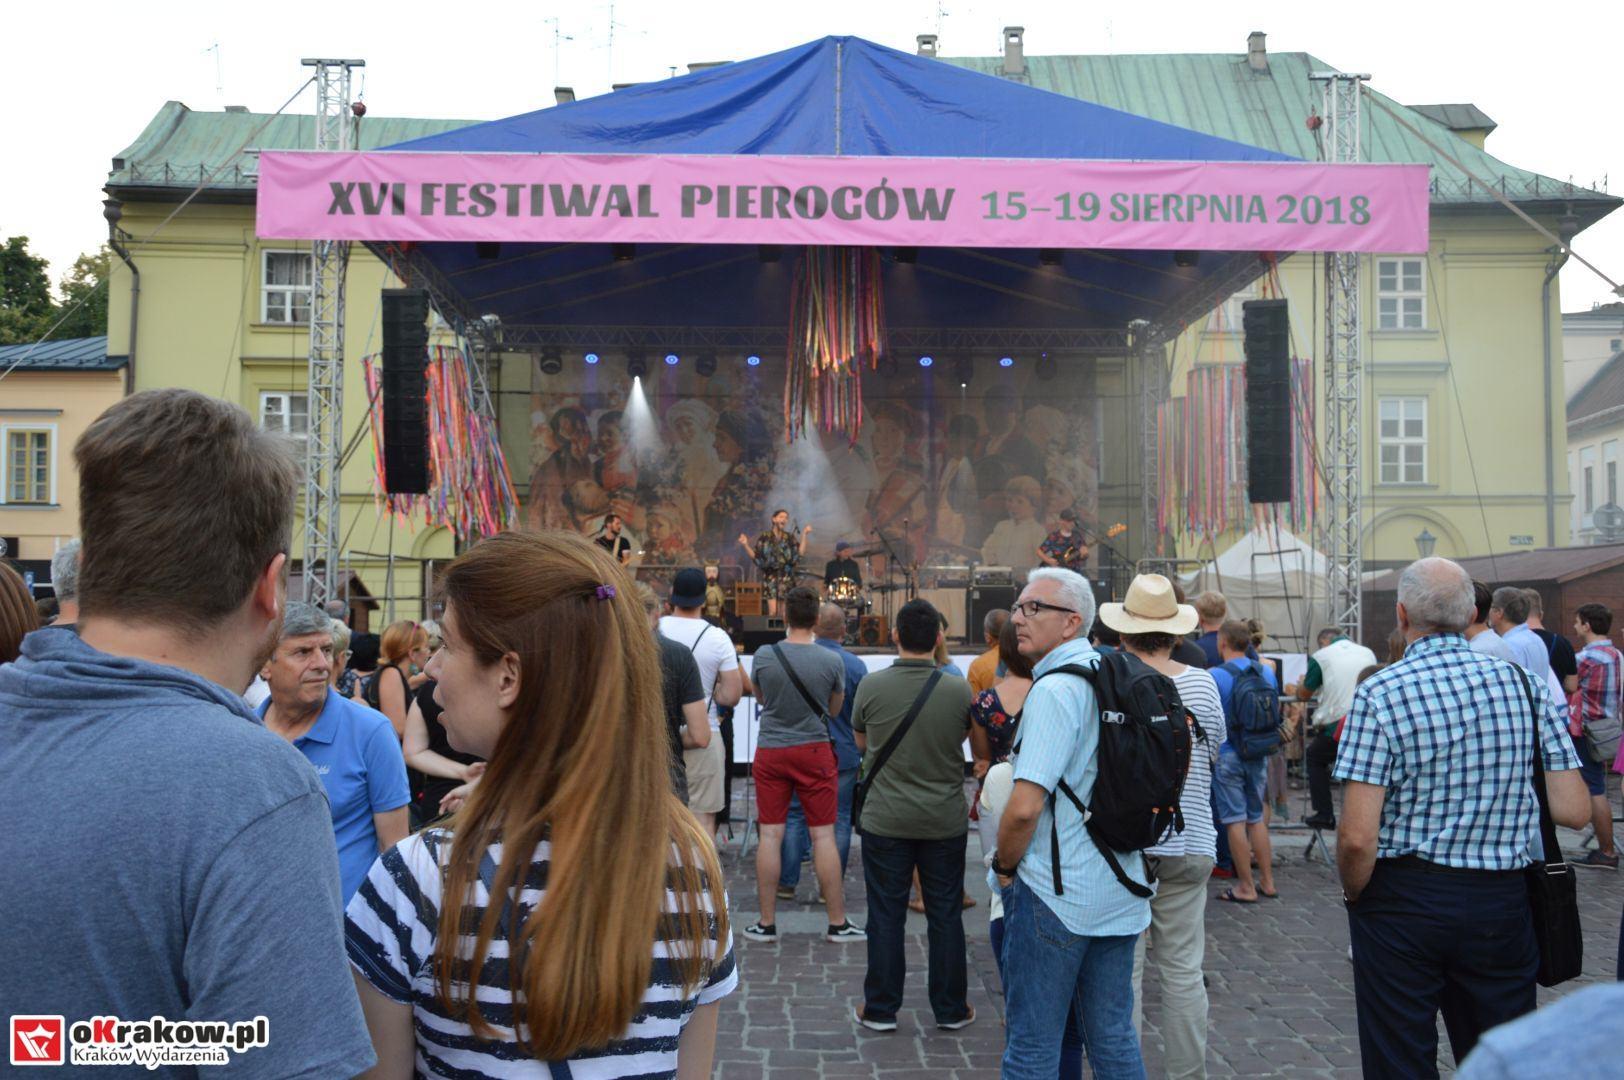 krakow festiwal pierogow maly rynek koncert cheap tobacco 116 150x150 - Galeria zdjęć Festiwal Pierogów Kraków 2018 + zdjęcia z koncertu Cheap Tobacco